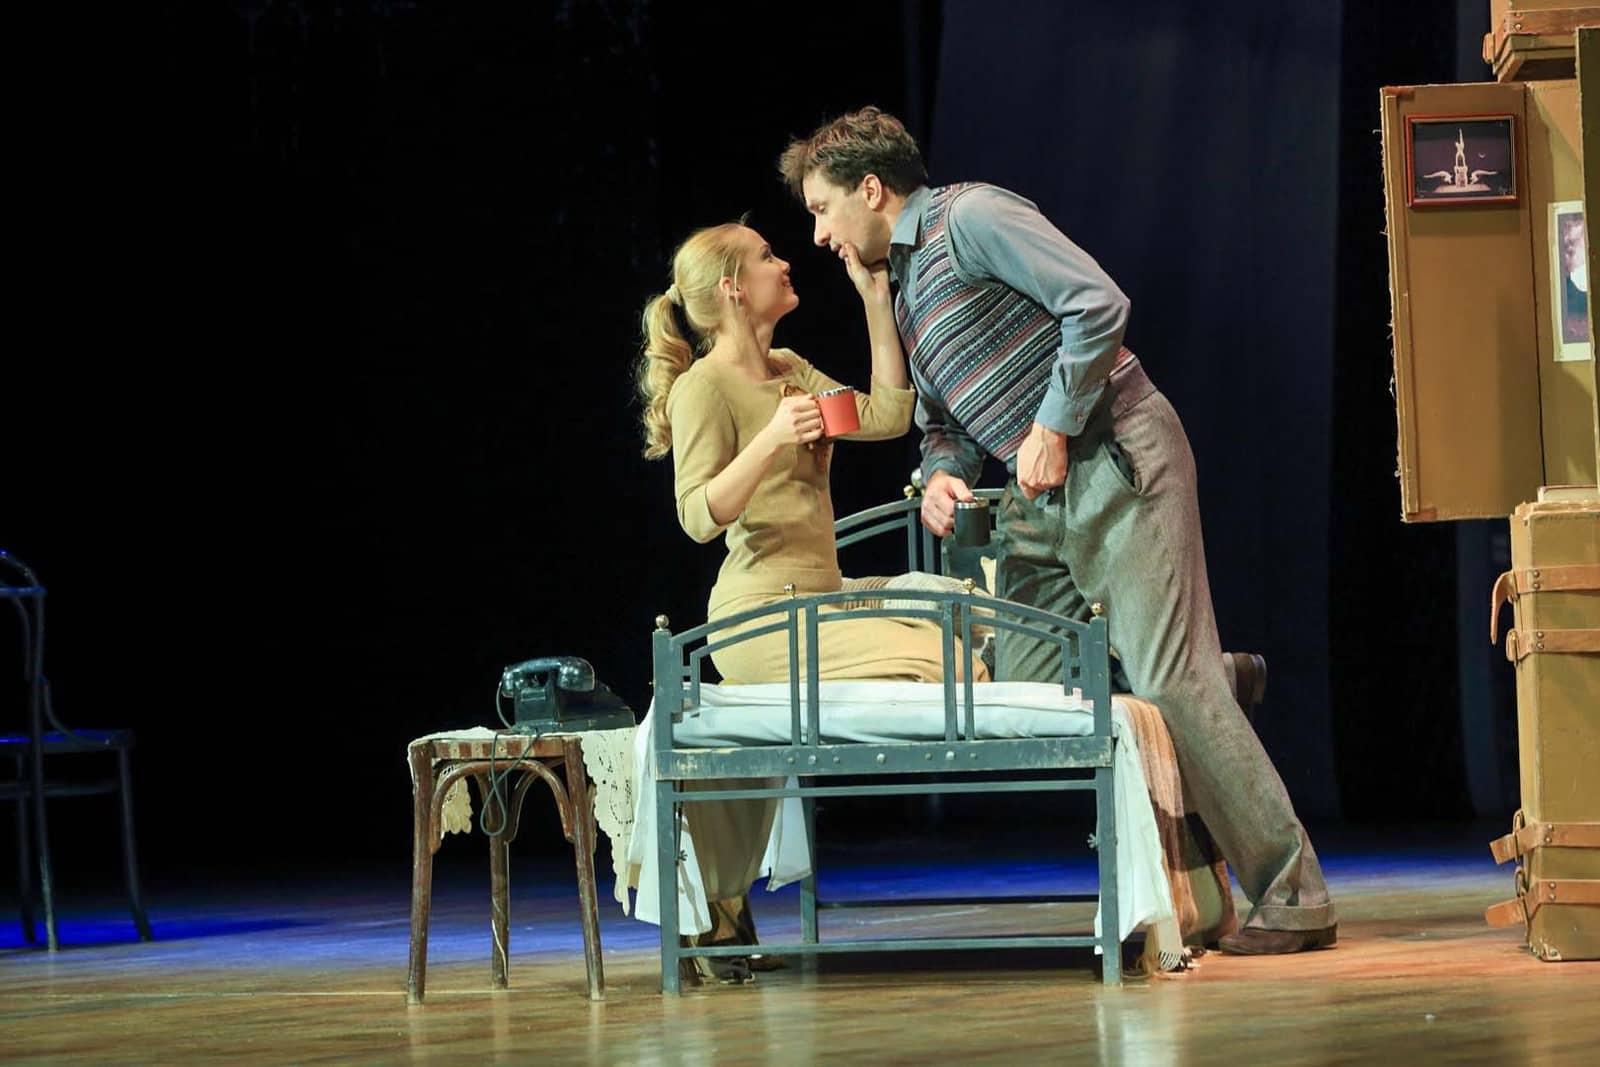 Спектакль «Двое на качелях» в Москве в цдкж и театриуме на серпуховке